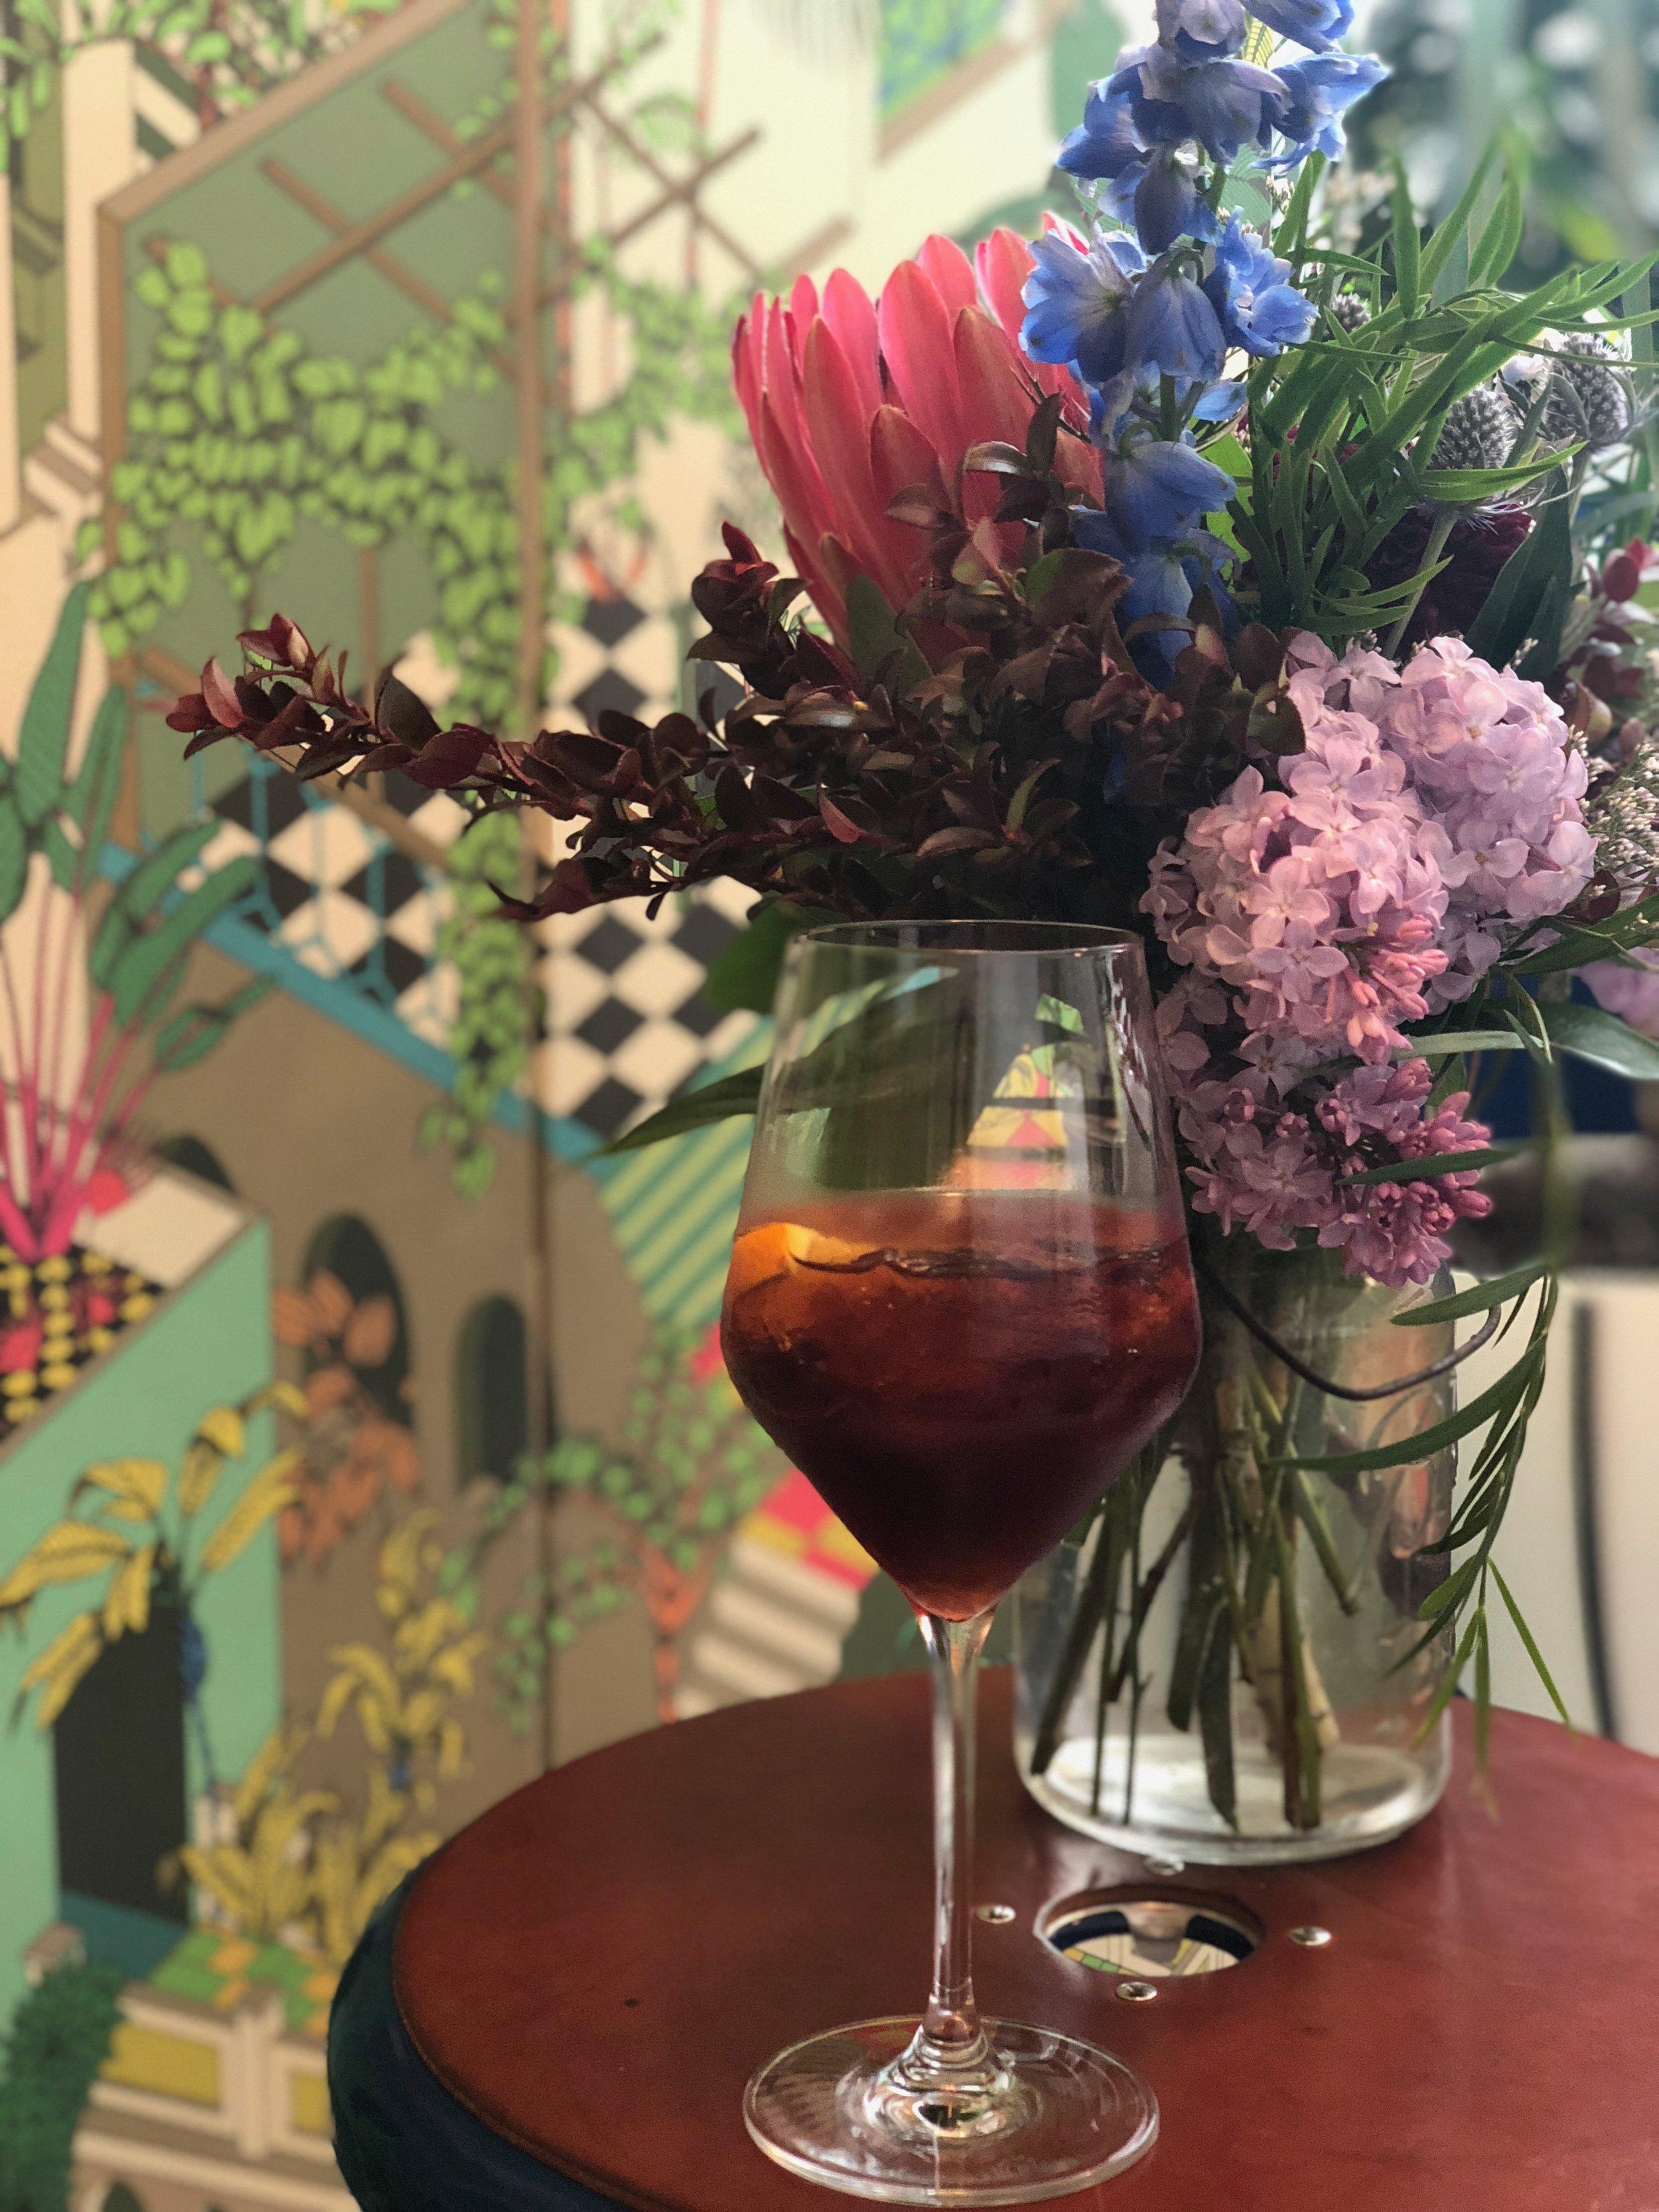 Remedy's new Summer Spritzes